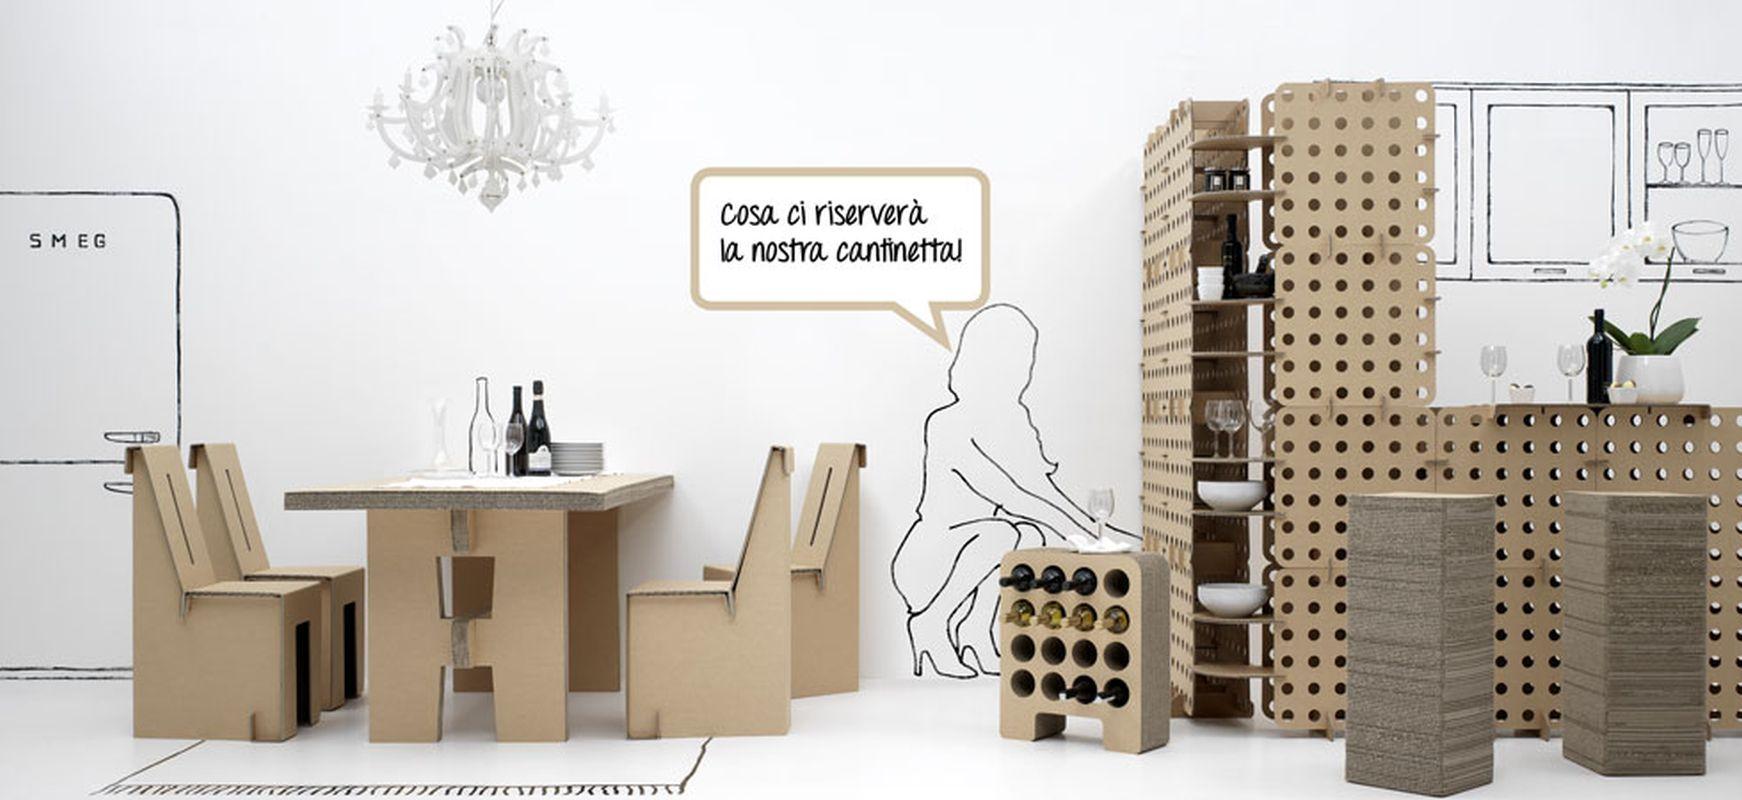 Foto mobili kshop in cartone ondulato velvet style velvetstyle - Mobili in cartone ...